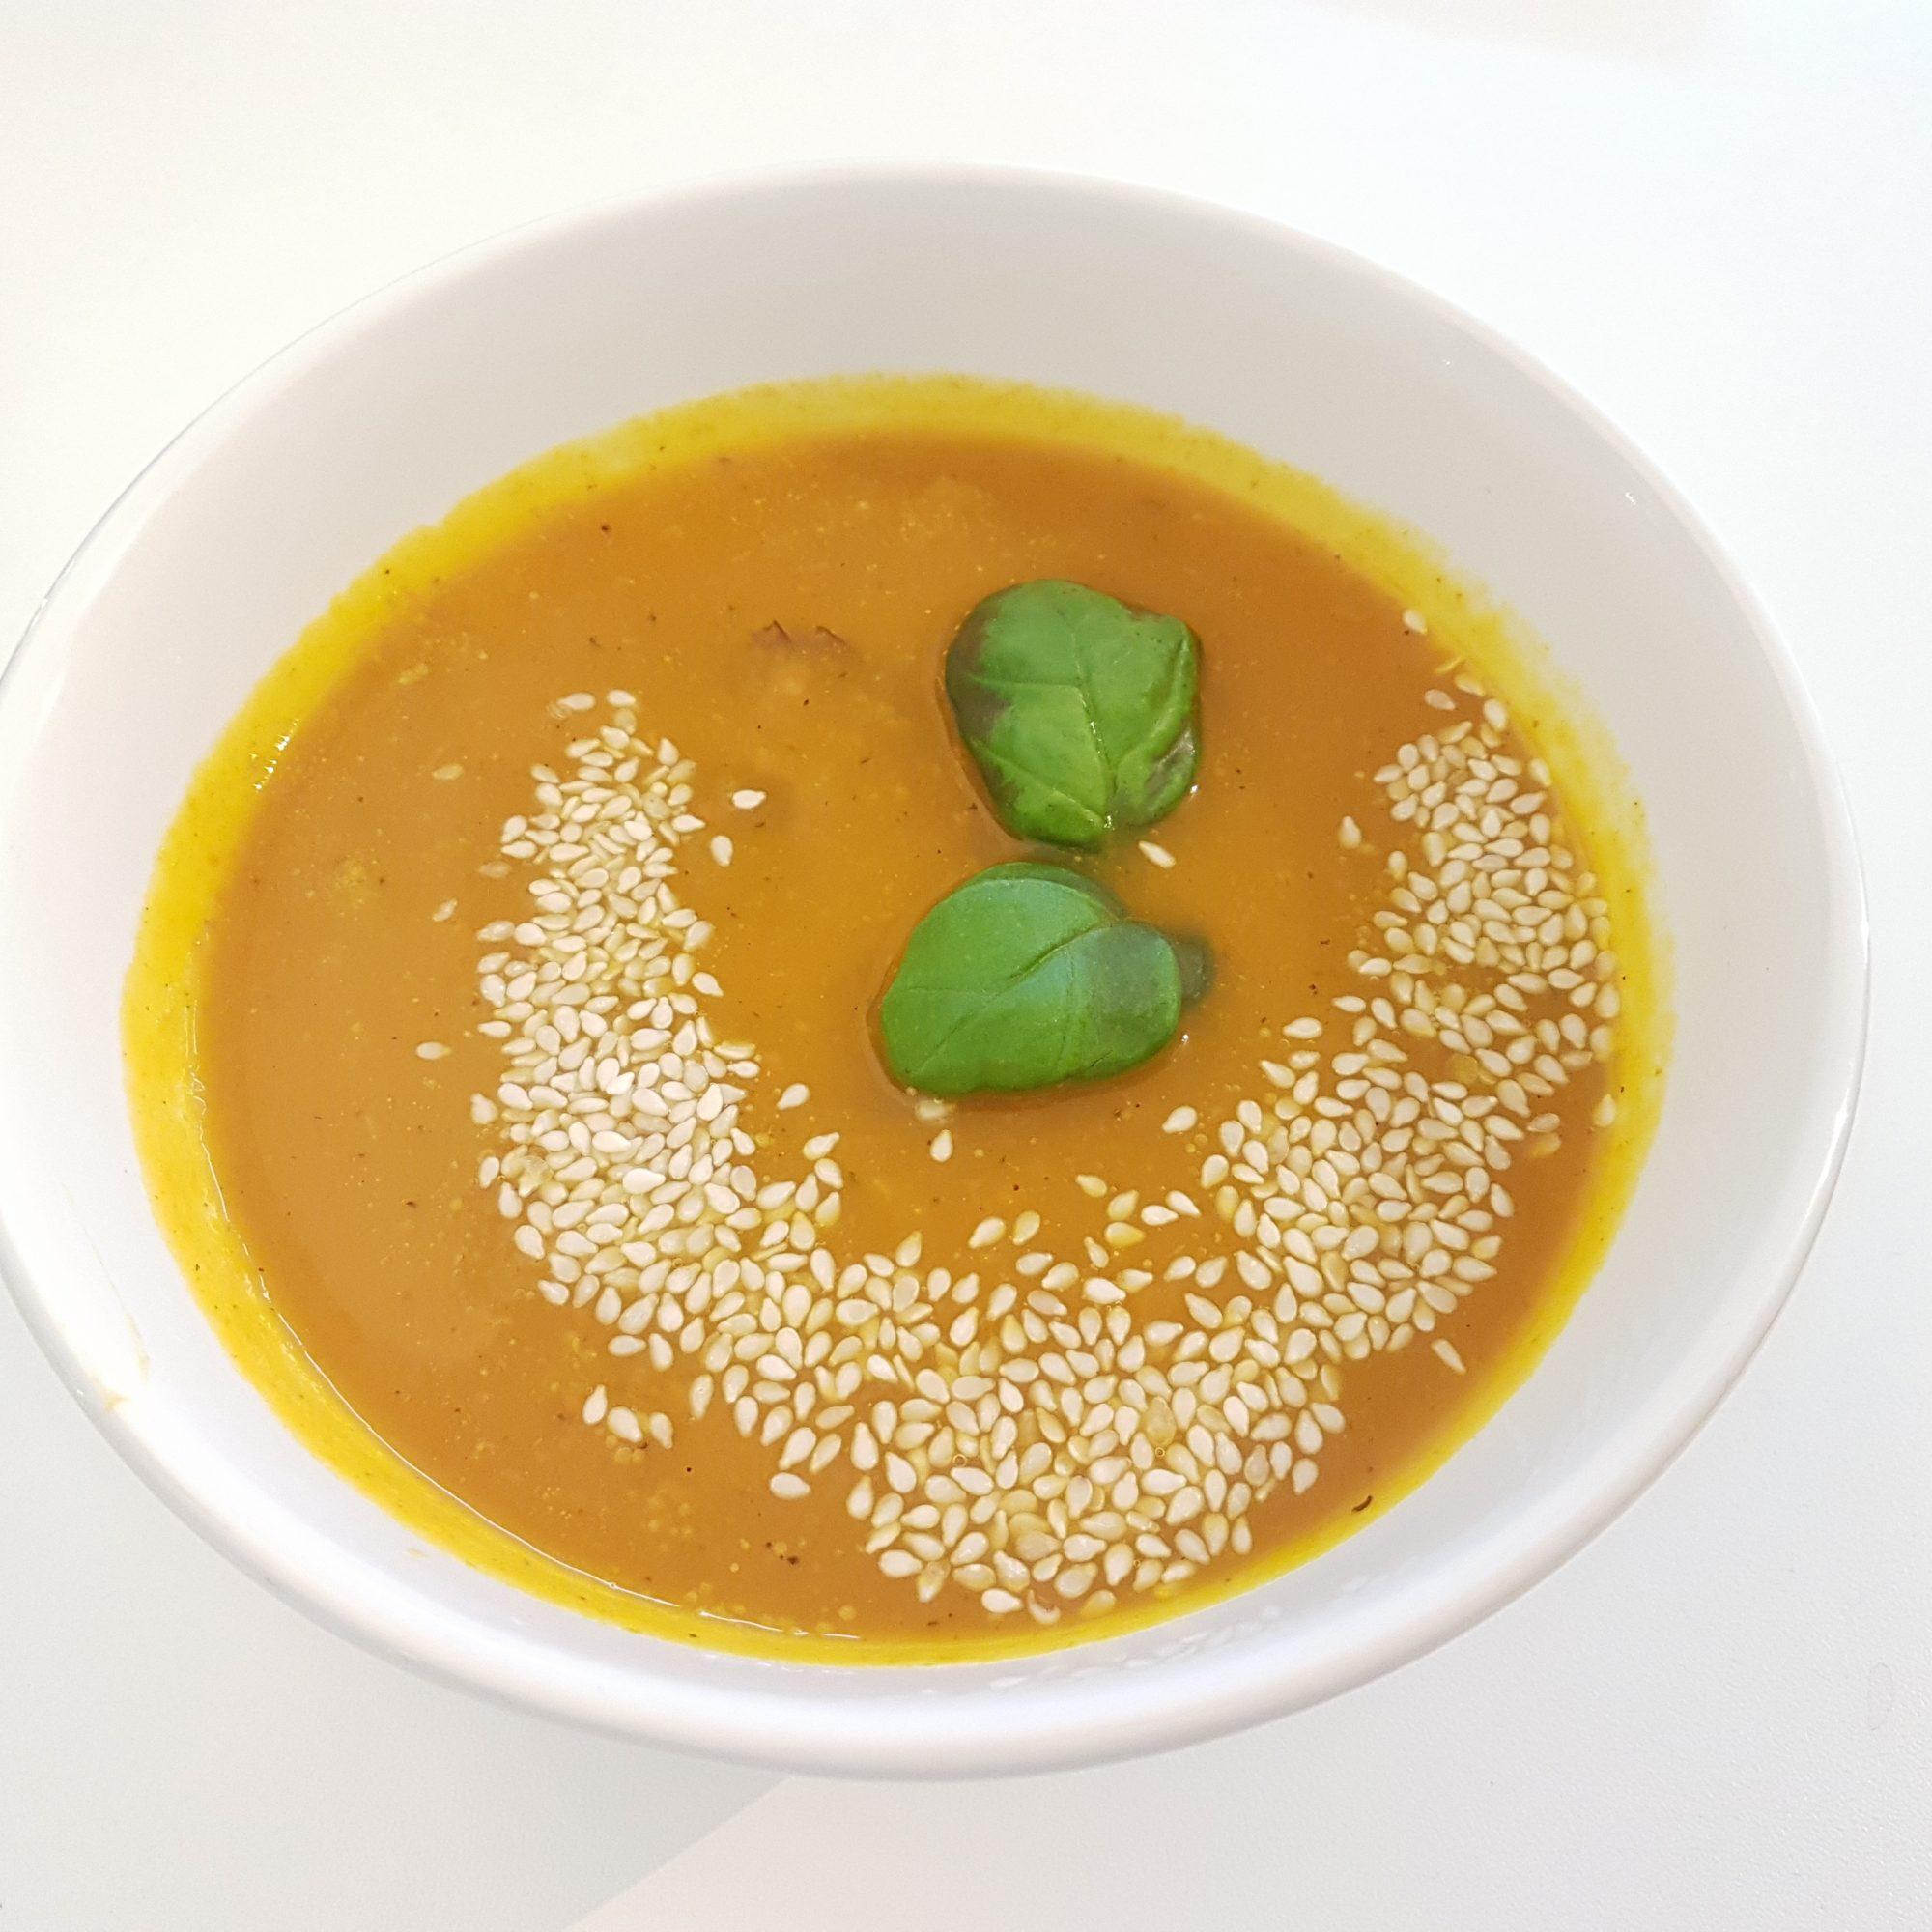 Ik poste al eerder een recept van pompoen en zoete aardappelsoep. Vandaag alleen de pompoen in de soep. Waarom ben ik nou zo enthousiast over de pompoen? De pompoen is een veelzijdige groente die veel te bieden heeft voor je gezondheid en niet duur is. Het is voor veel mensen lastig om voldoende vezels binnen…